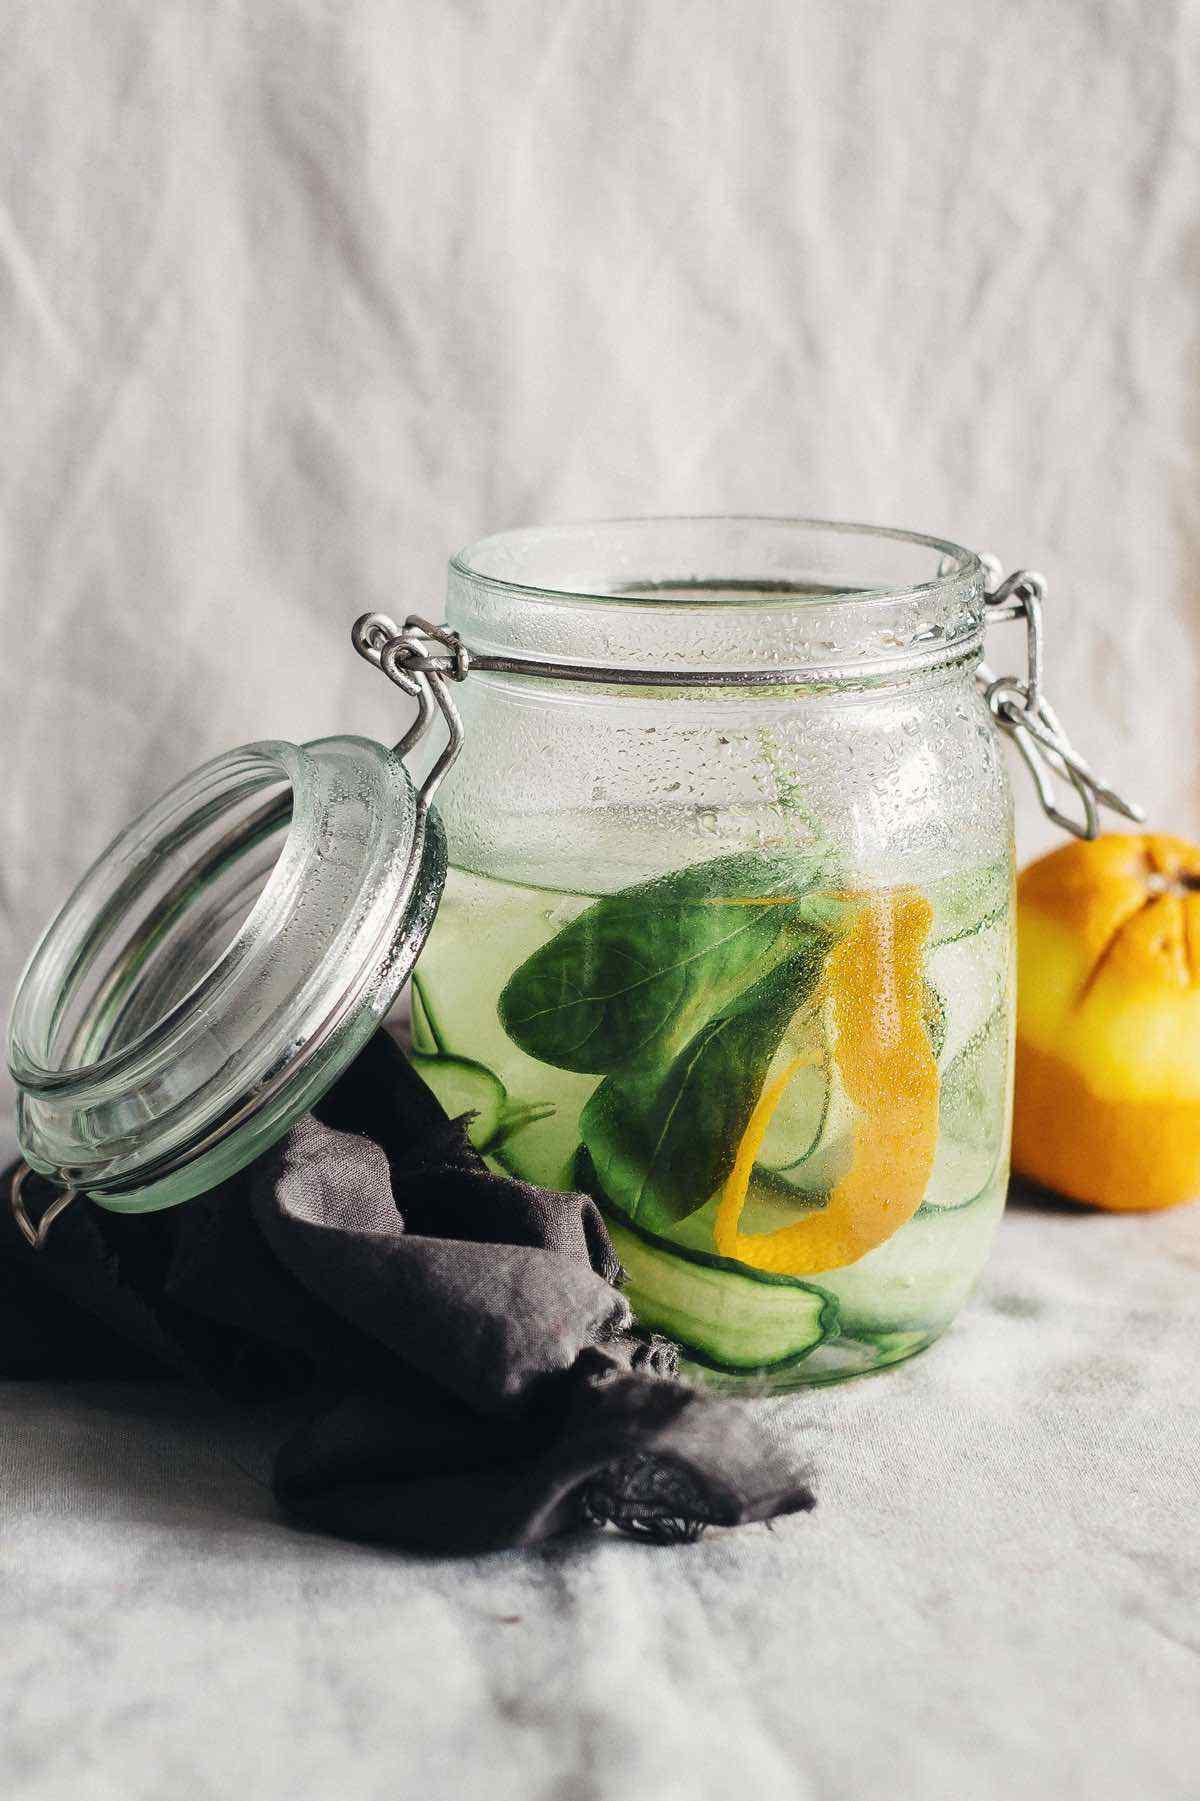 Cucumber Basil Tangerine Peel Detox Water